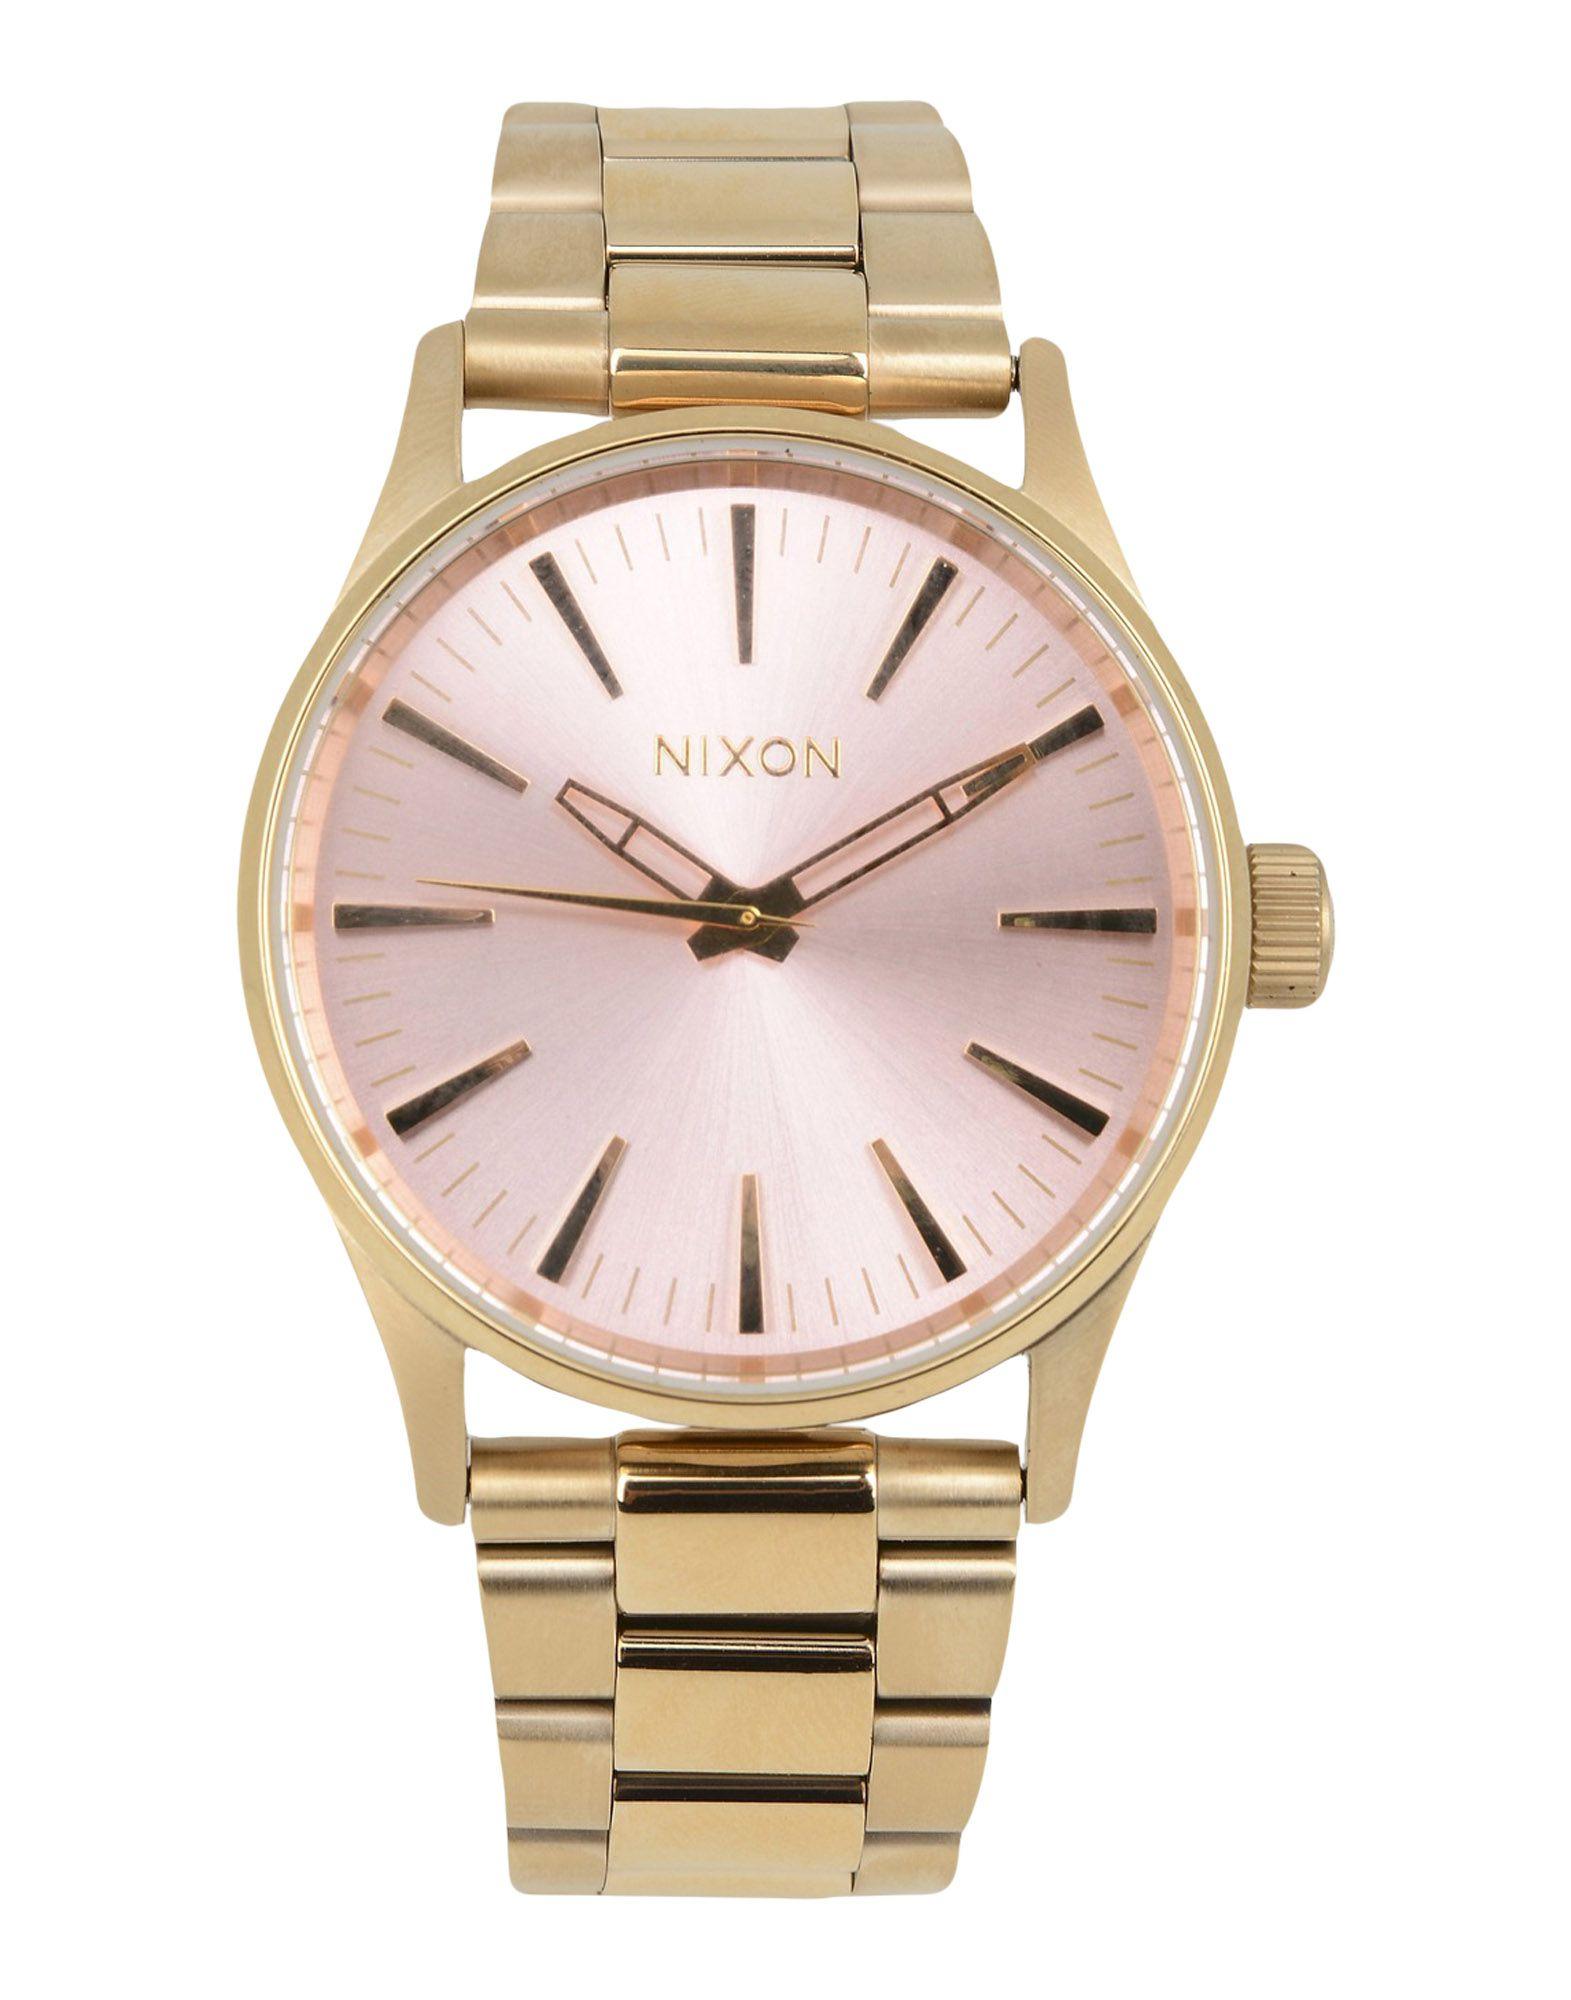 NIXON メンズ 腕時計 カッパー ステンレススチール A450 SENTRY SS